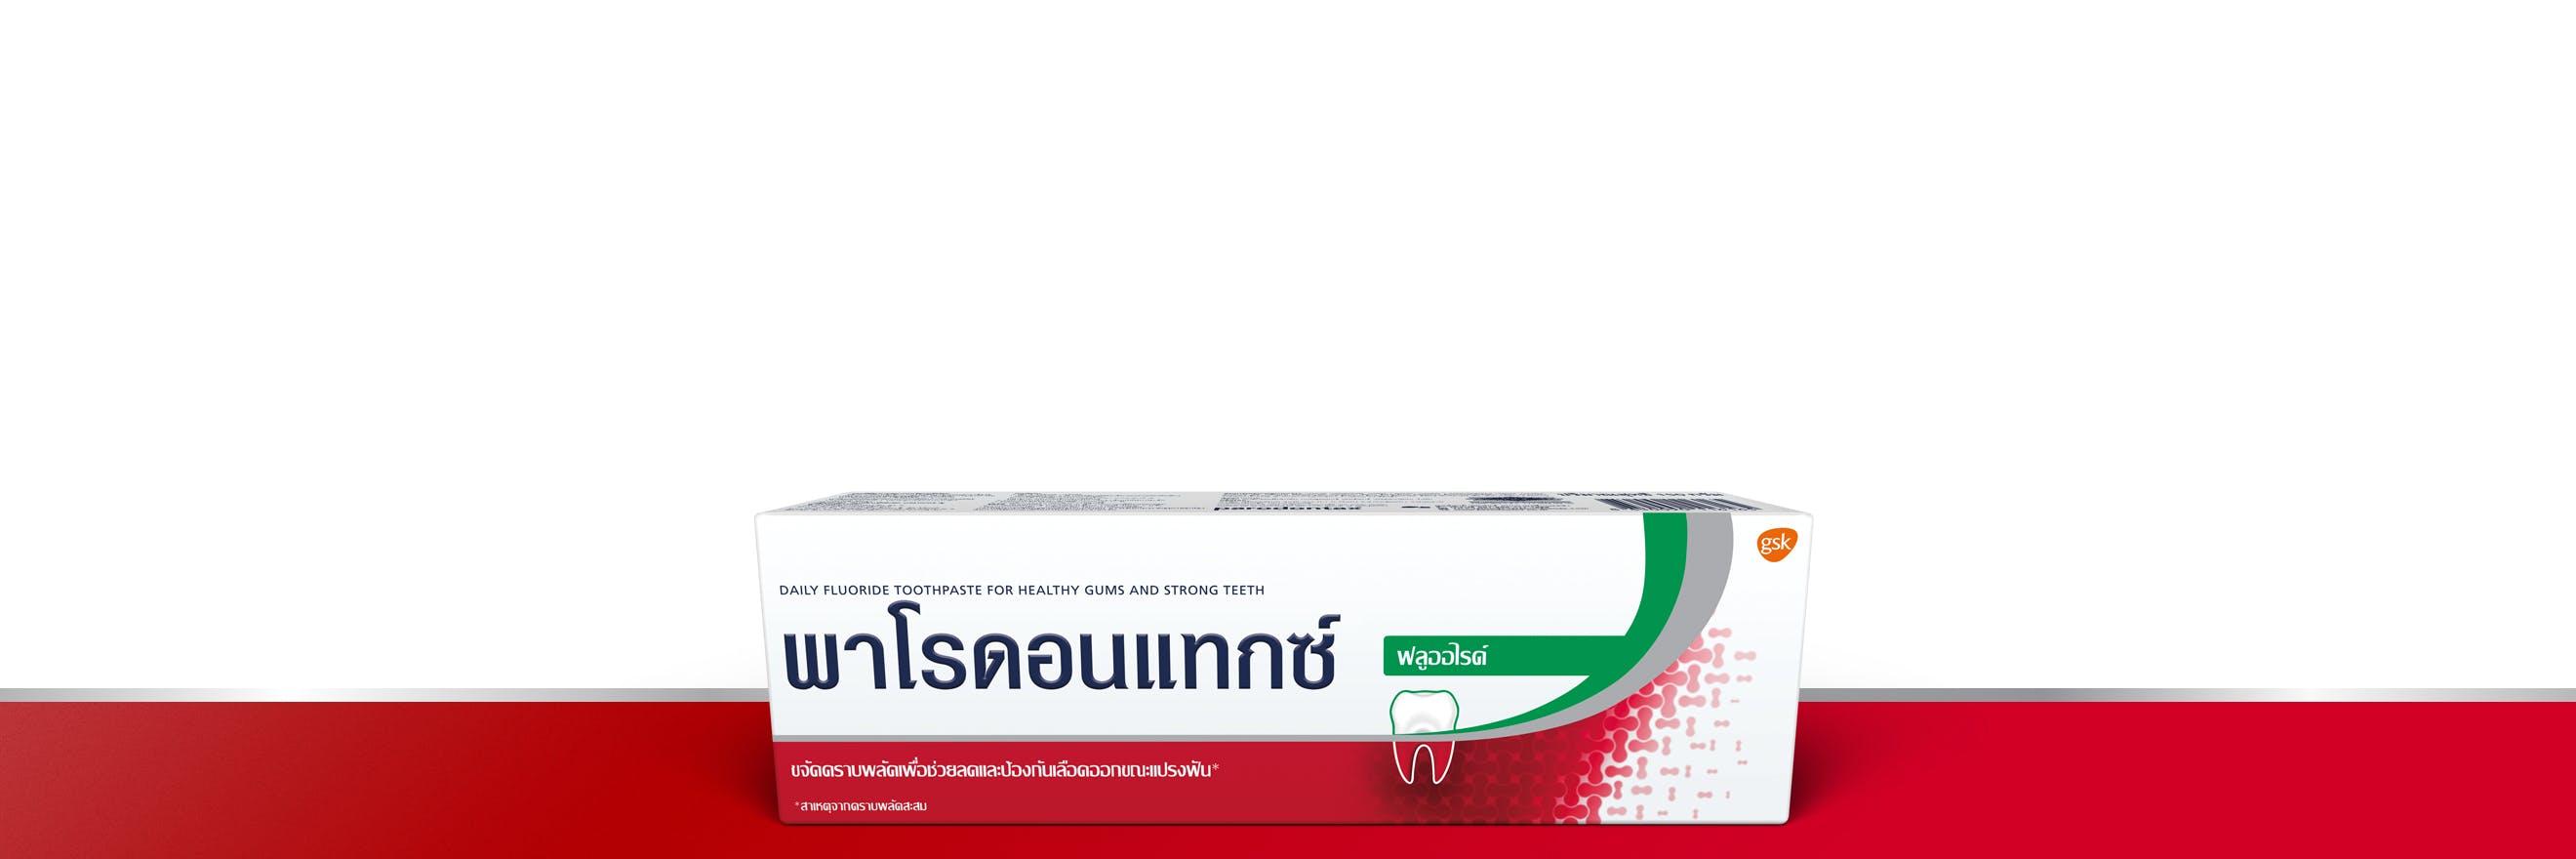 ยาสีฟันพาโรดอนแทกซ์